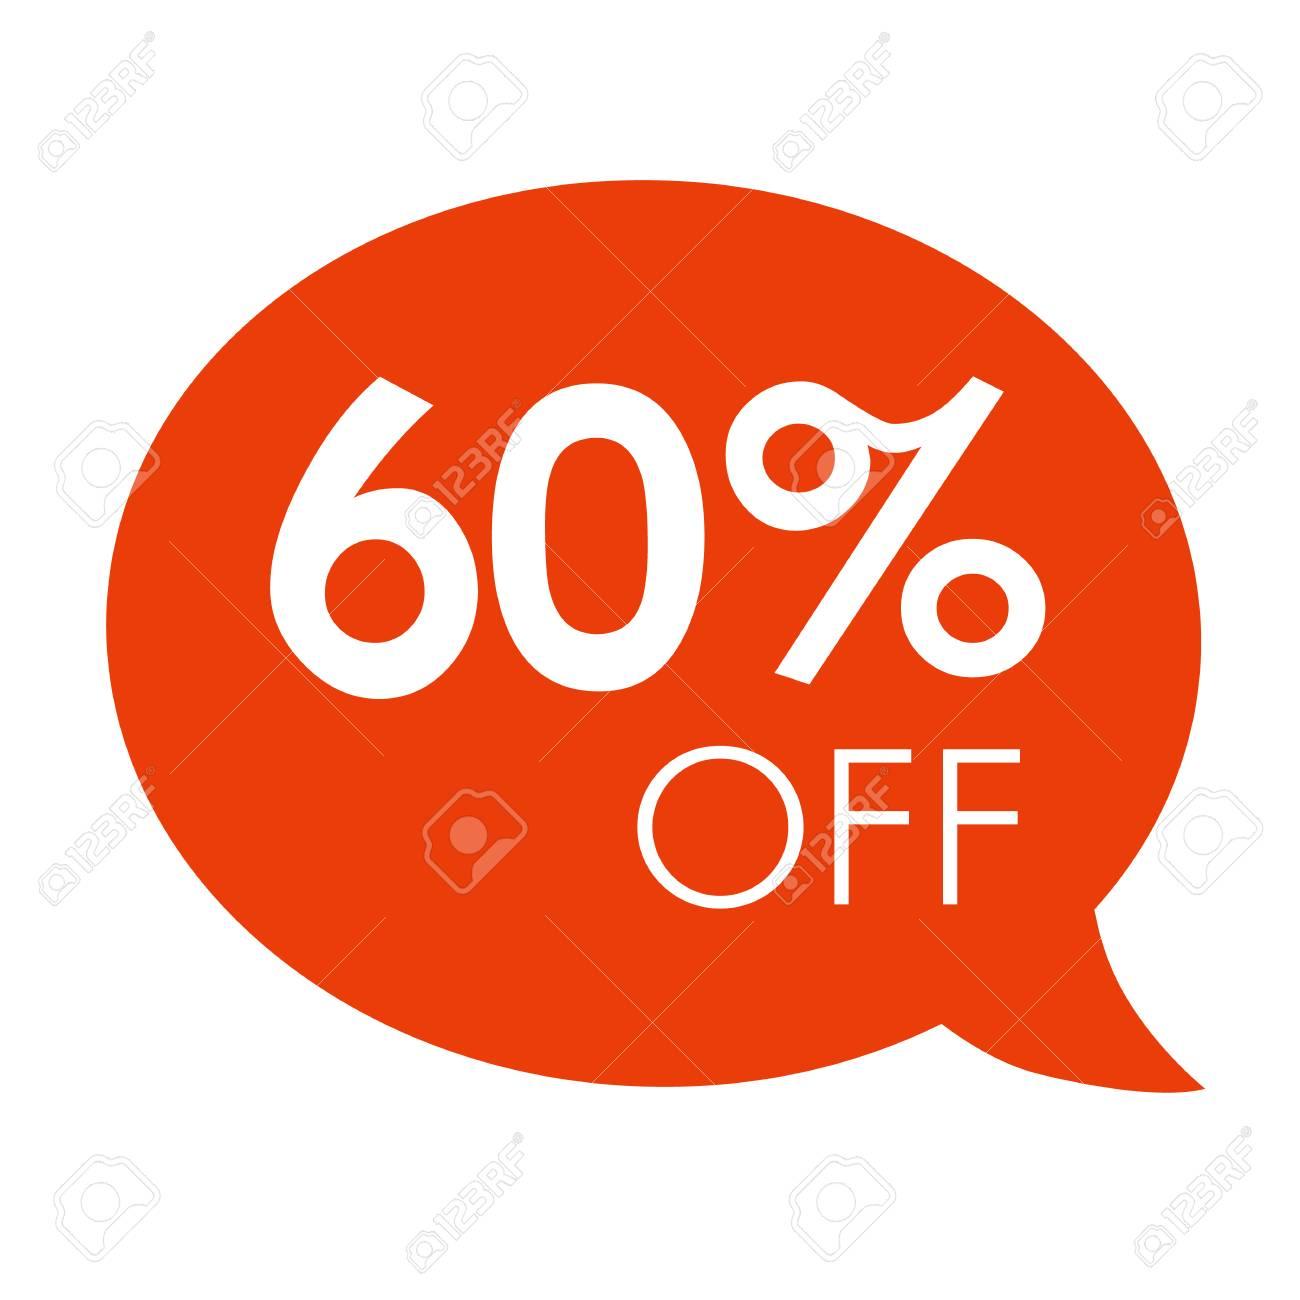 Oferta Especial 60% Venta Naranja Discurso Burbuja Etiqueta Vector  Ilustración. Etiqueta De Precio De Oferta De Descuento d7e6c49f8e4